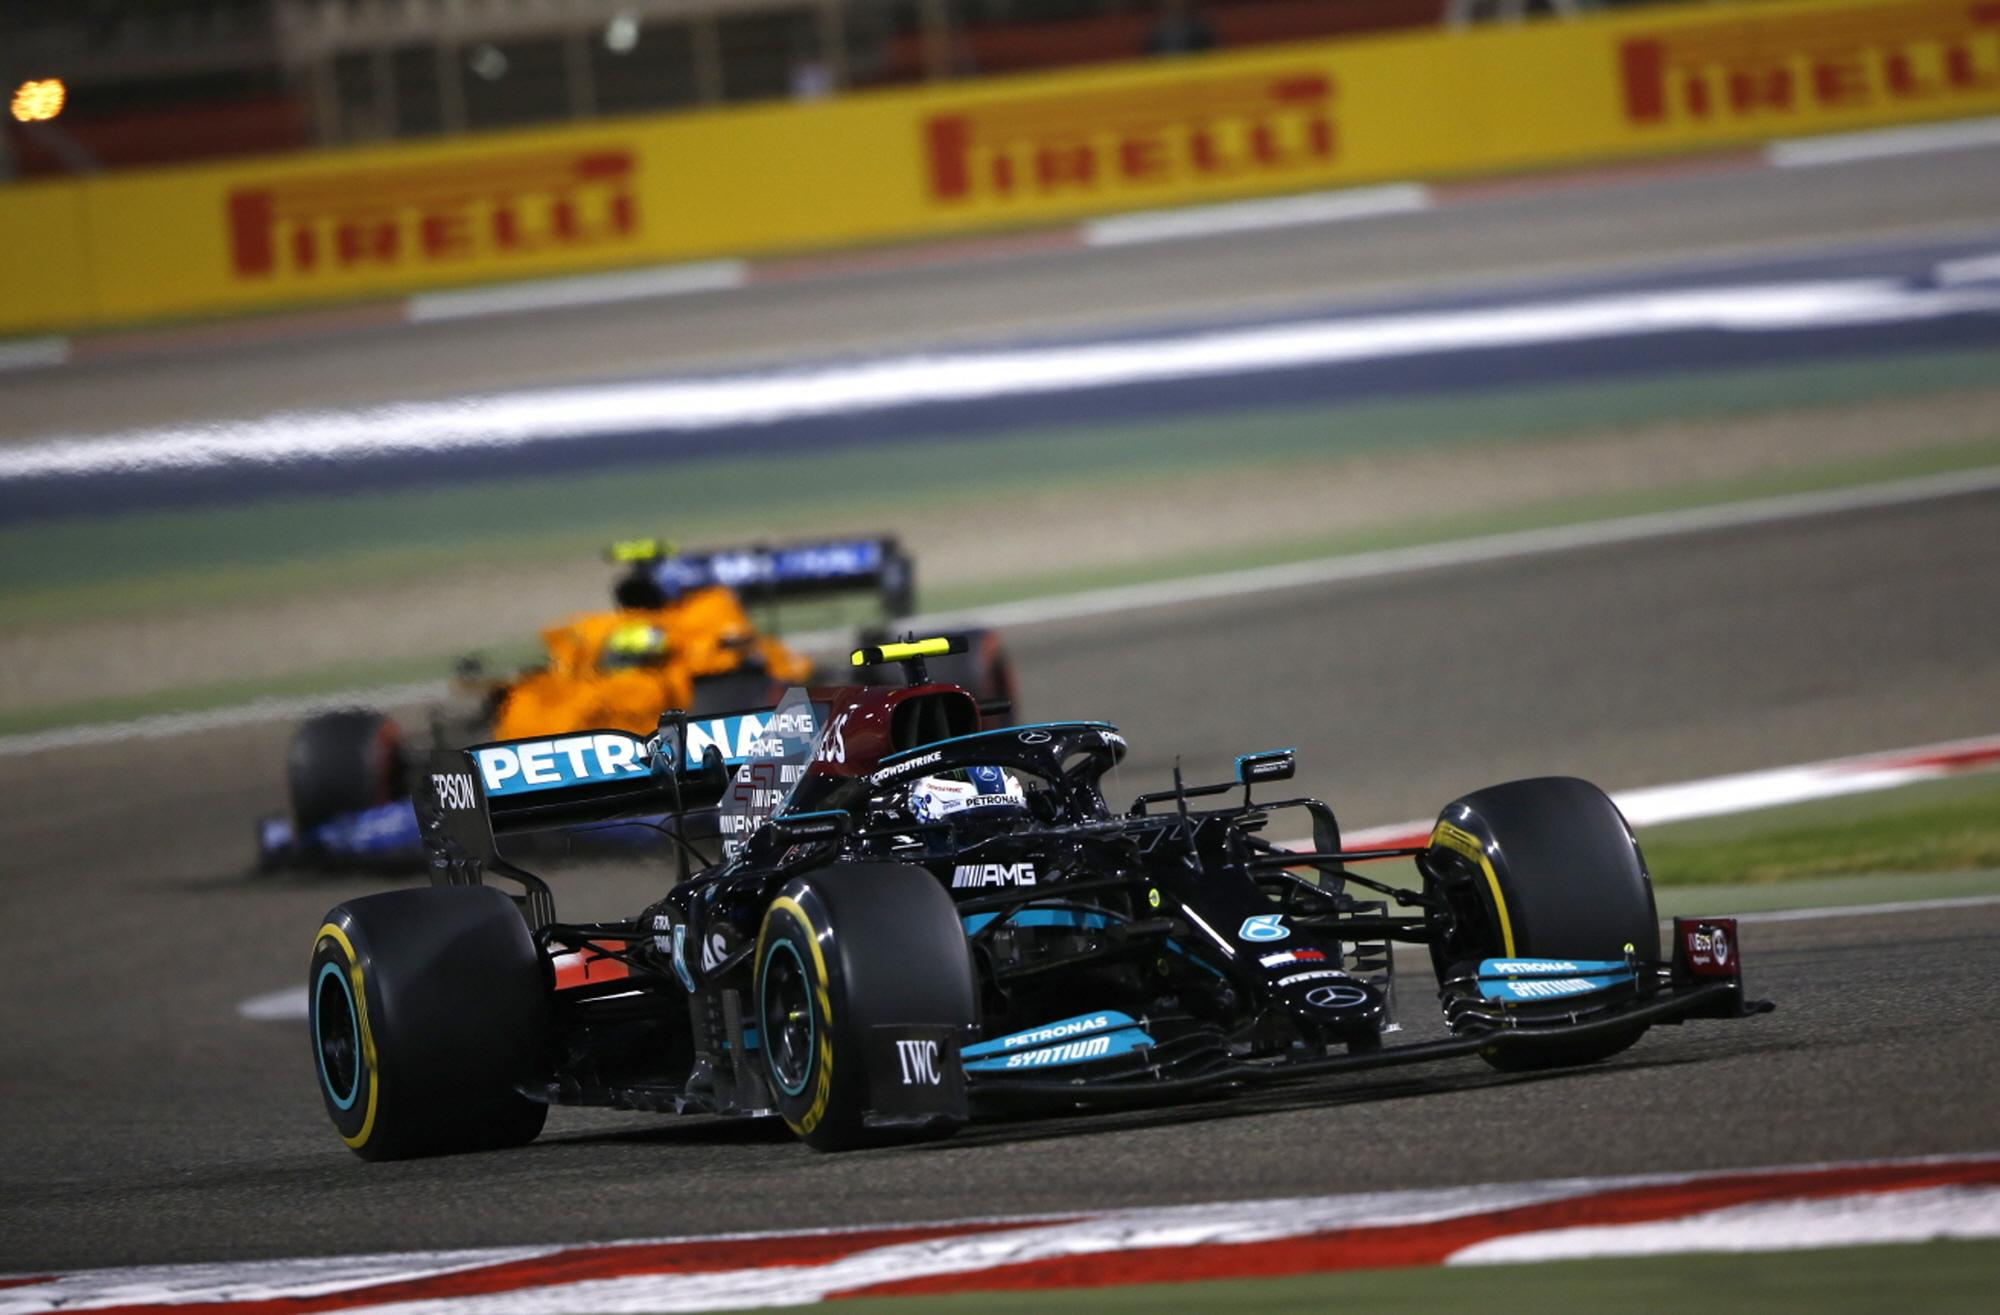 AMG 페트로나스 F1, 2021 월드챔피언십 개막전 바레인 그랑프리 우승